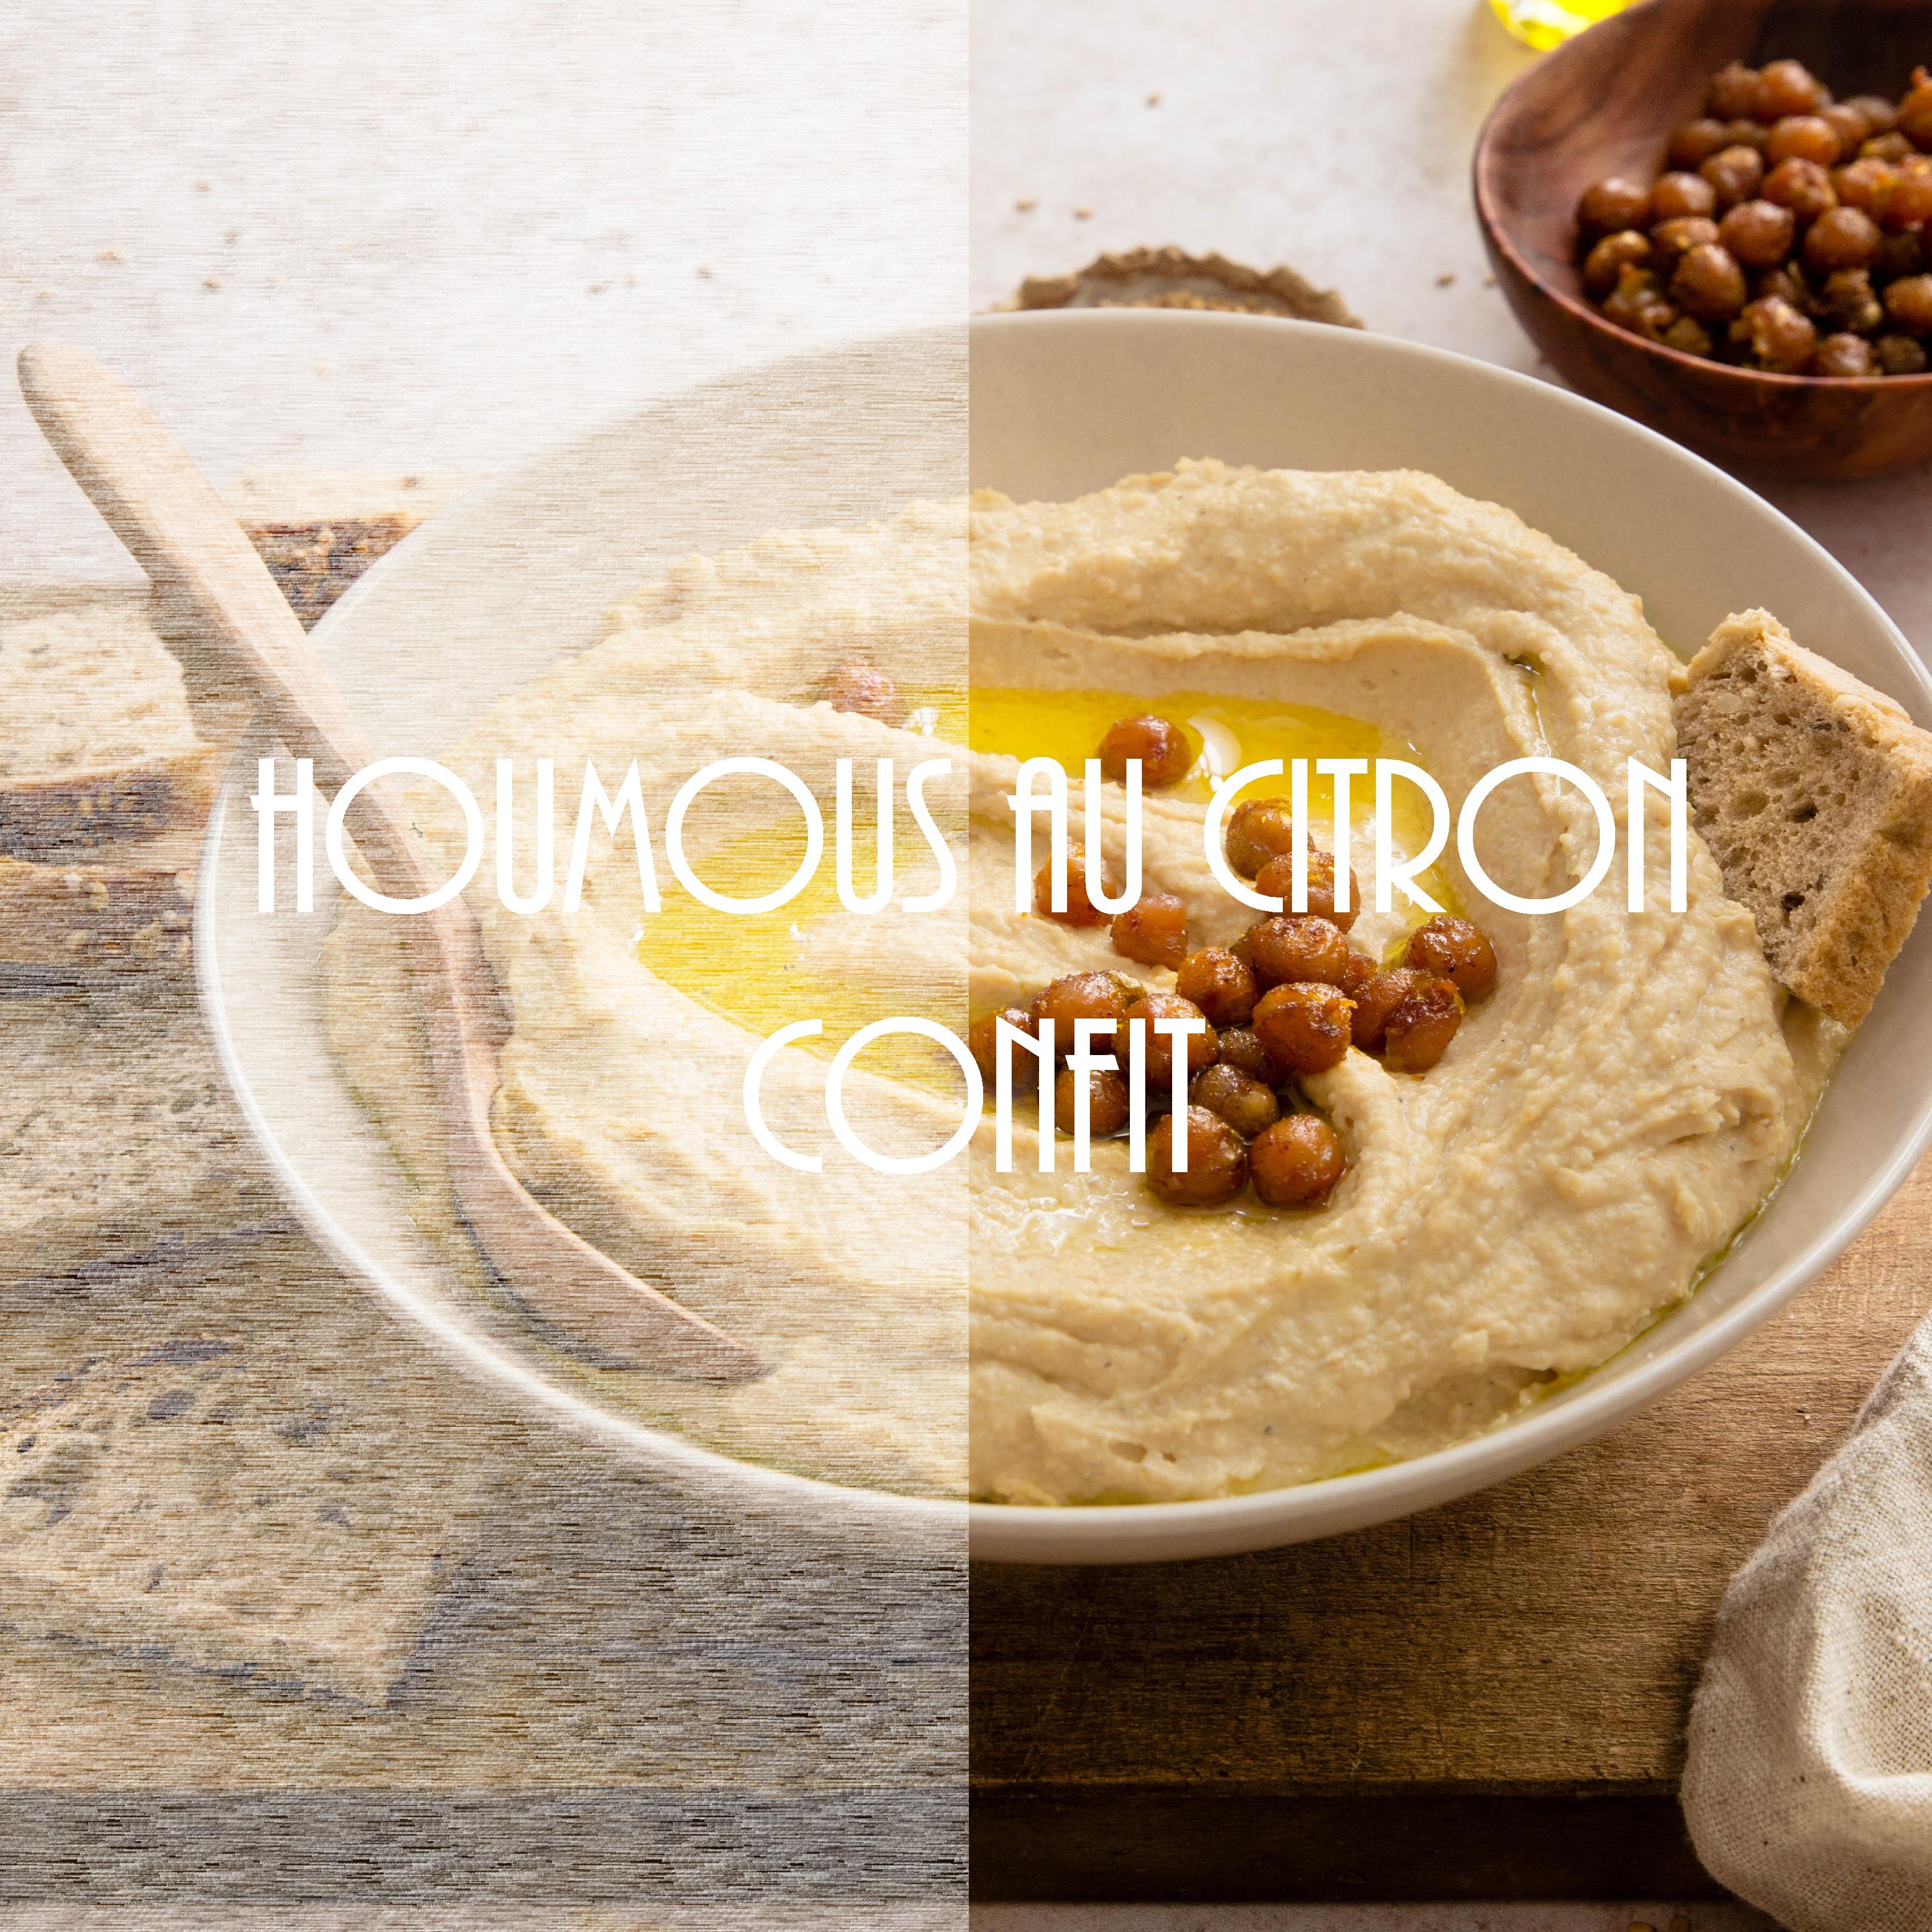 Houmous au citron confit - Liban food photography